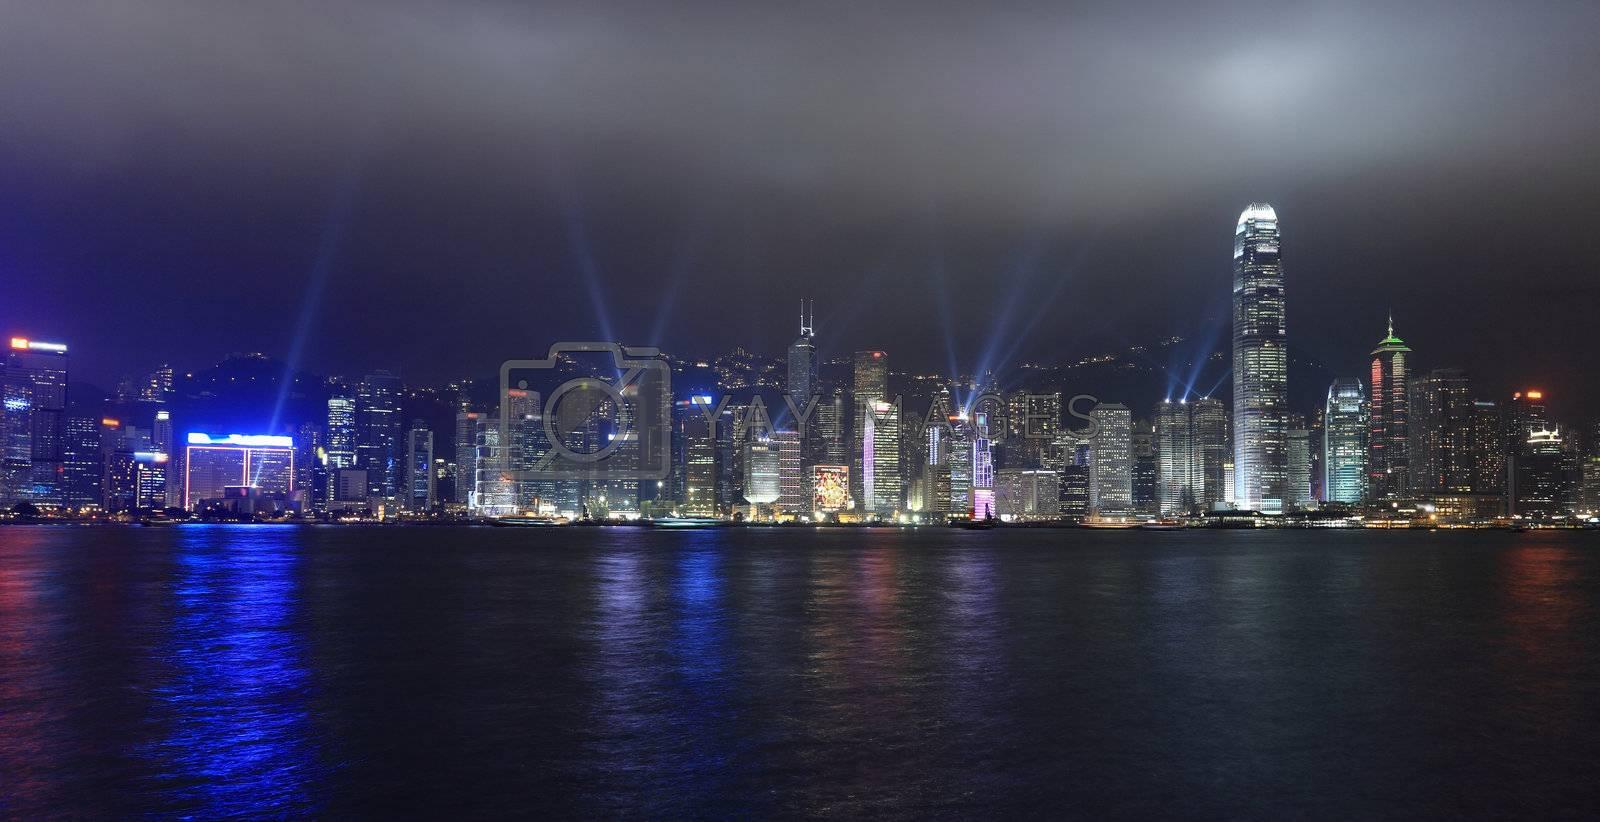 lights show in Hong Kong by leungchopan